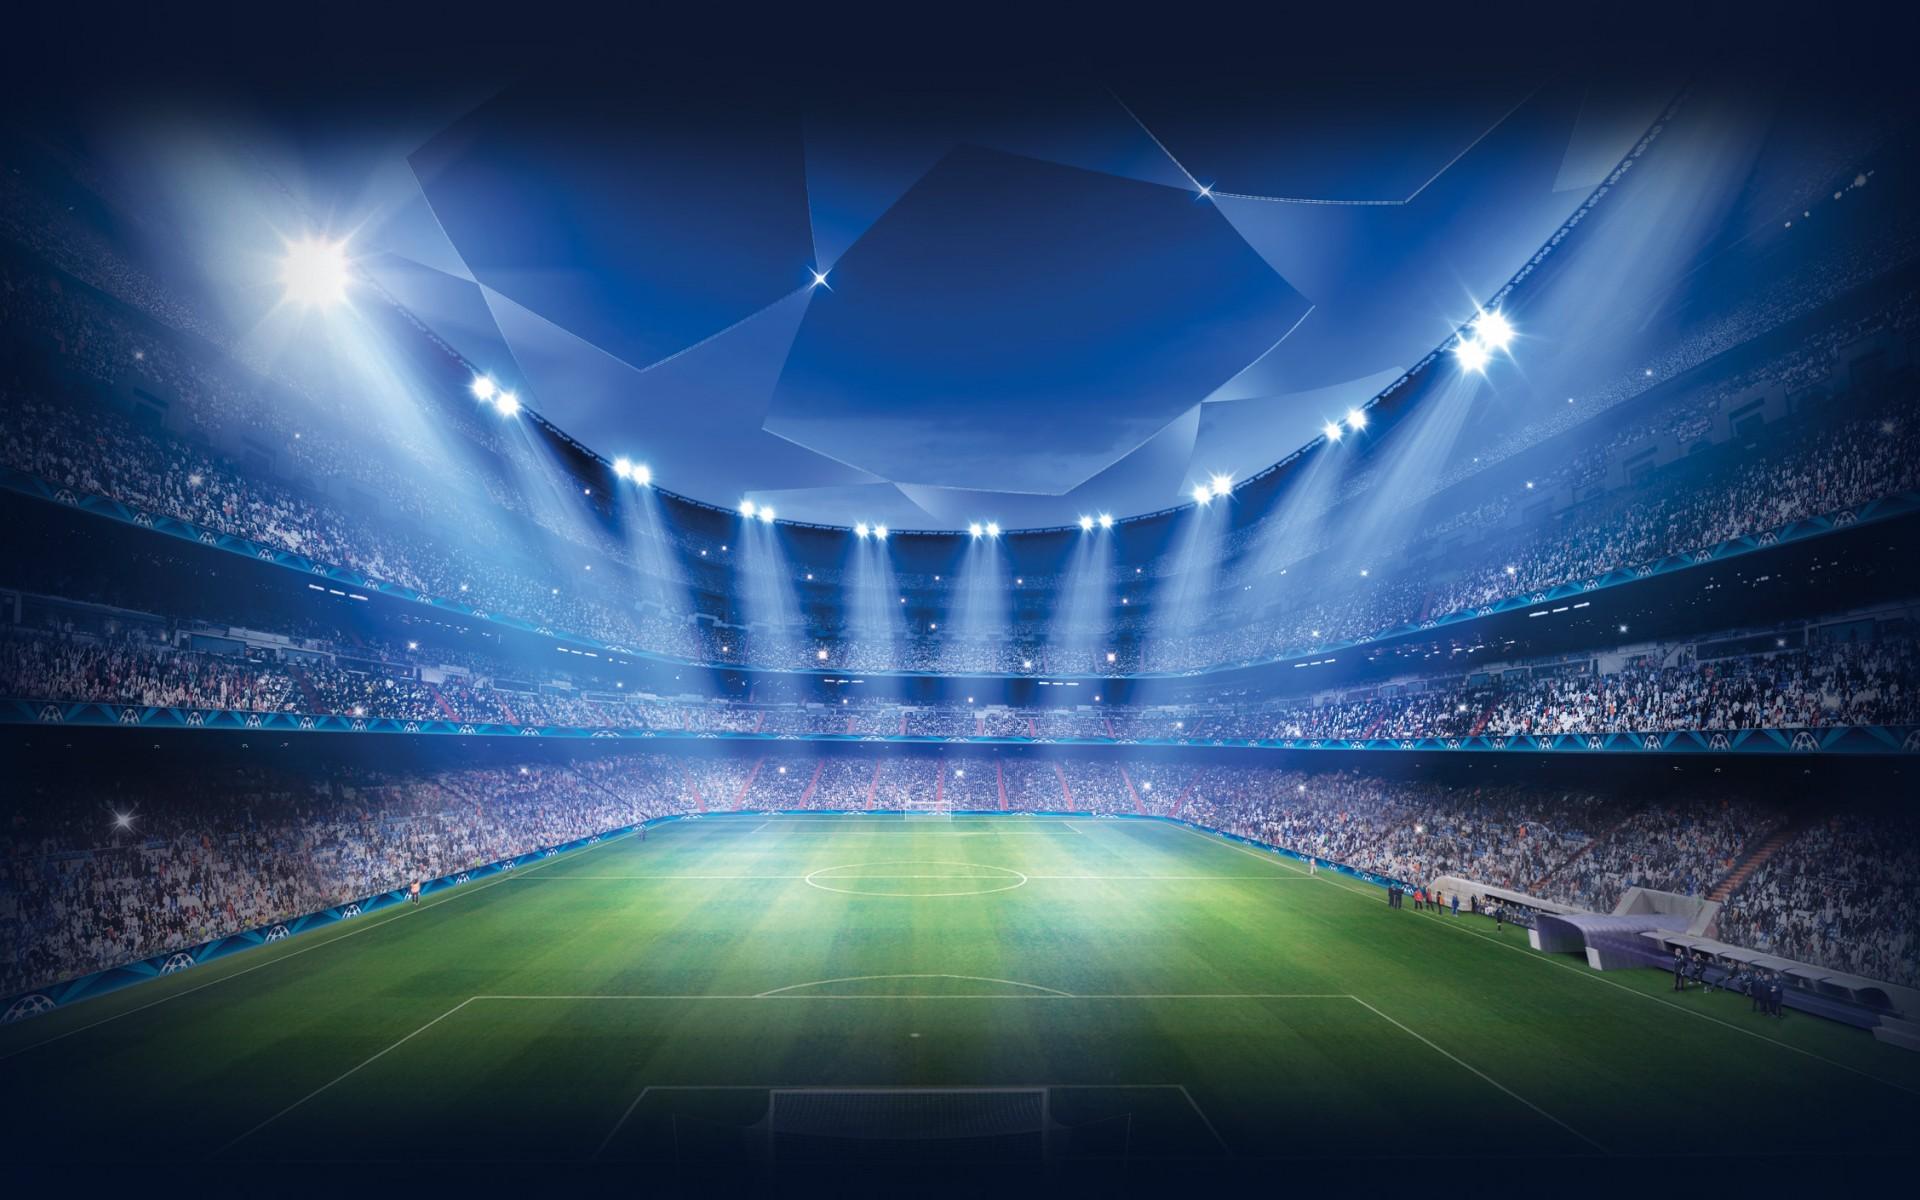 2014 UEFA Champions League Wallpaper 12732 Wallpaper Wallpaper hd 1920x1200